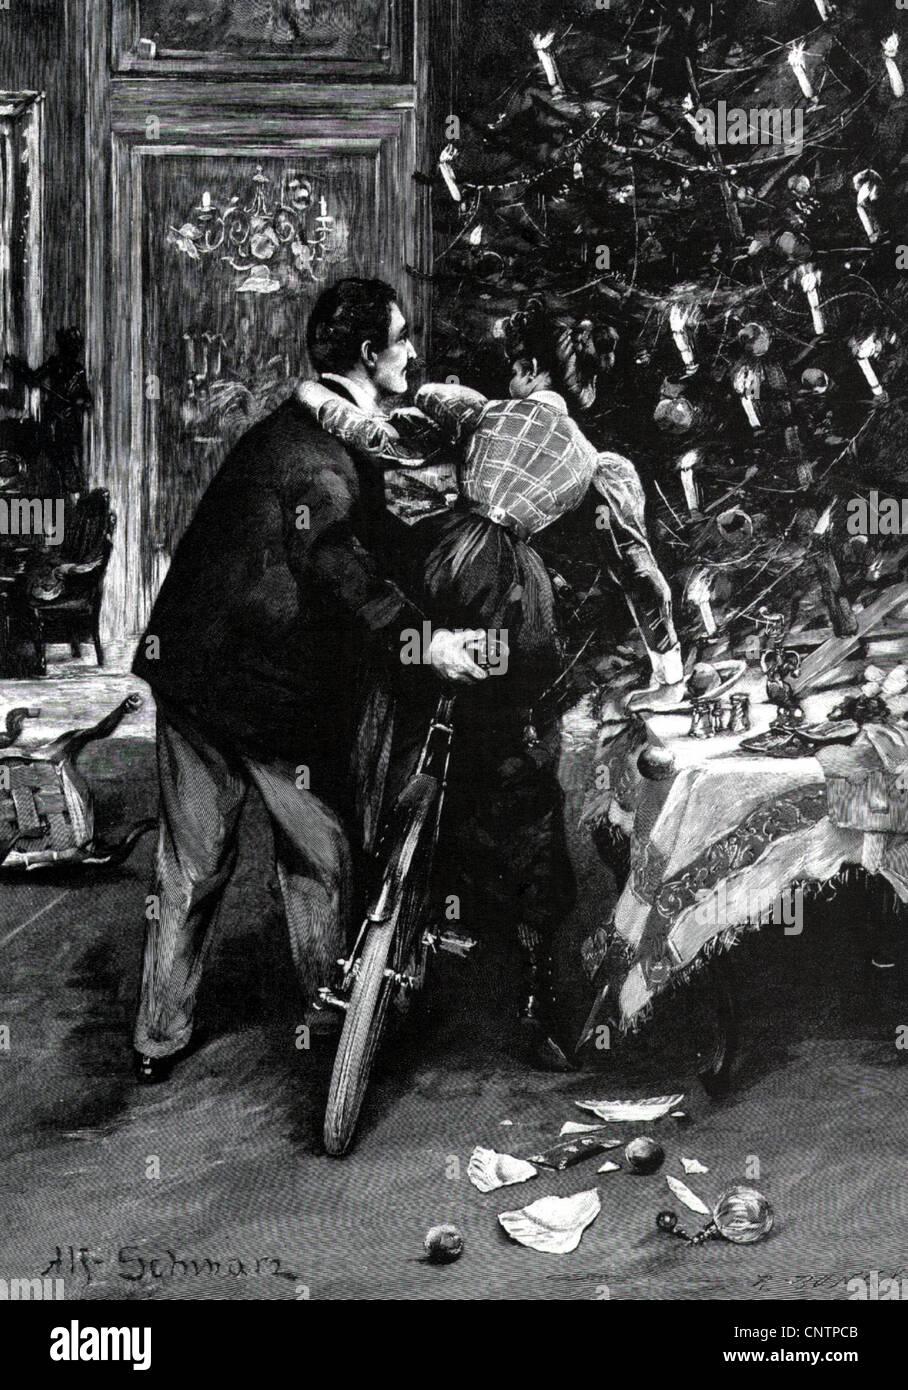 Weihnachten, Geschenke zu Weihnachten, Ehepaar versucht, ein Fahrrad ...